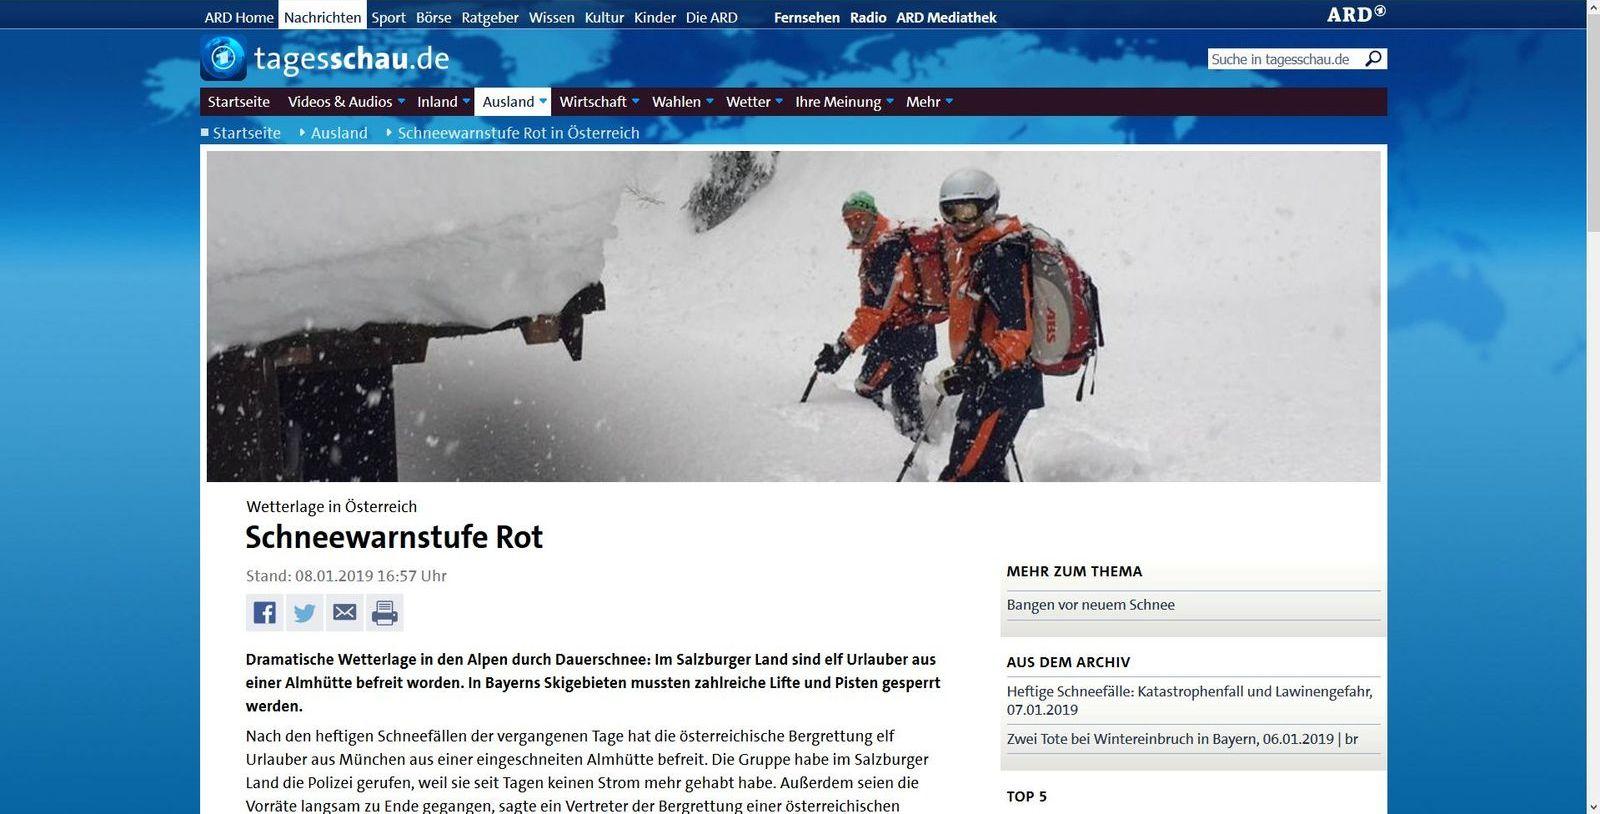 Firefox: Schneewarnstufe Rot in Österreich - Tagesschau.de (1)